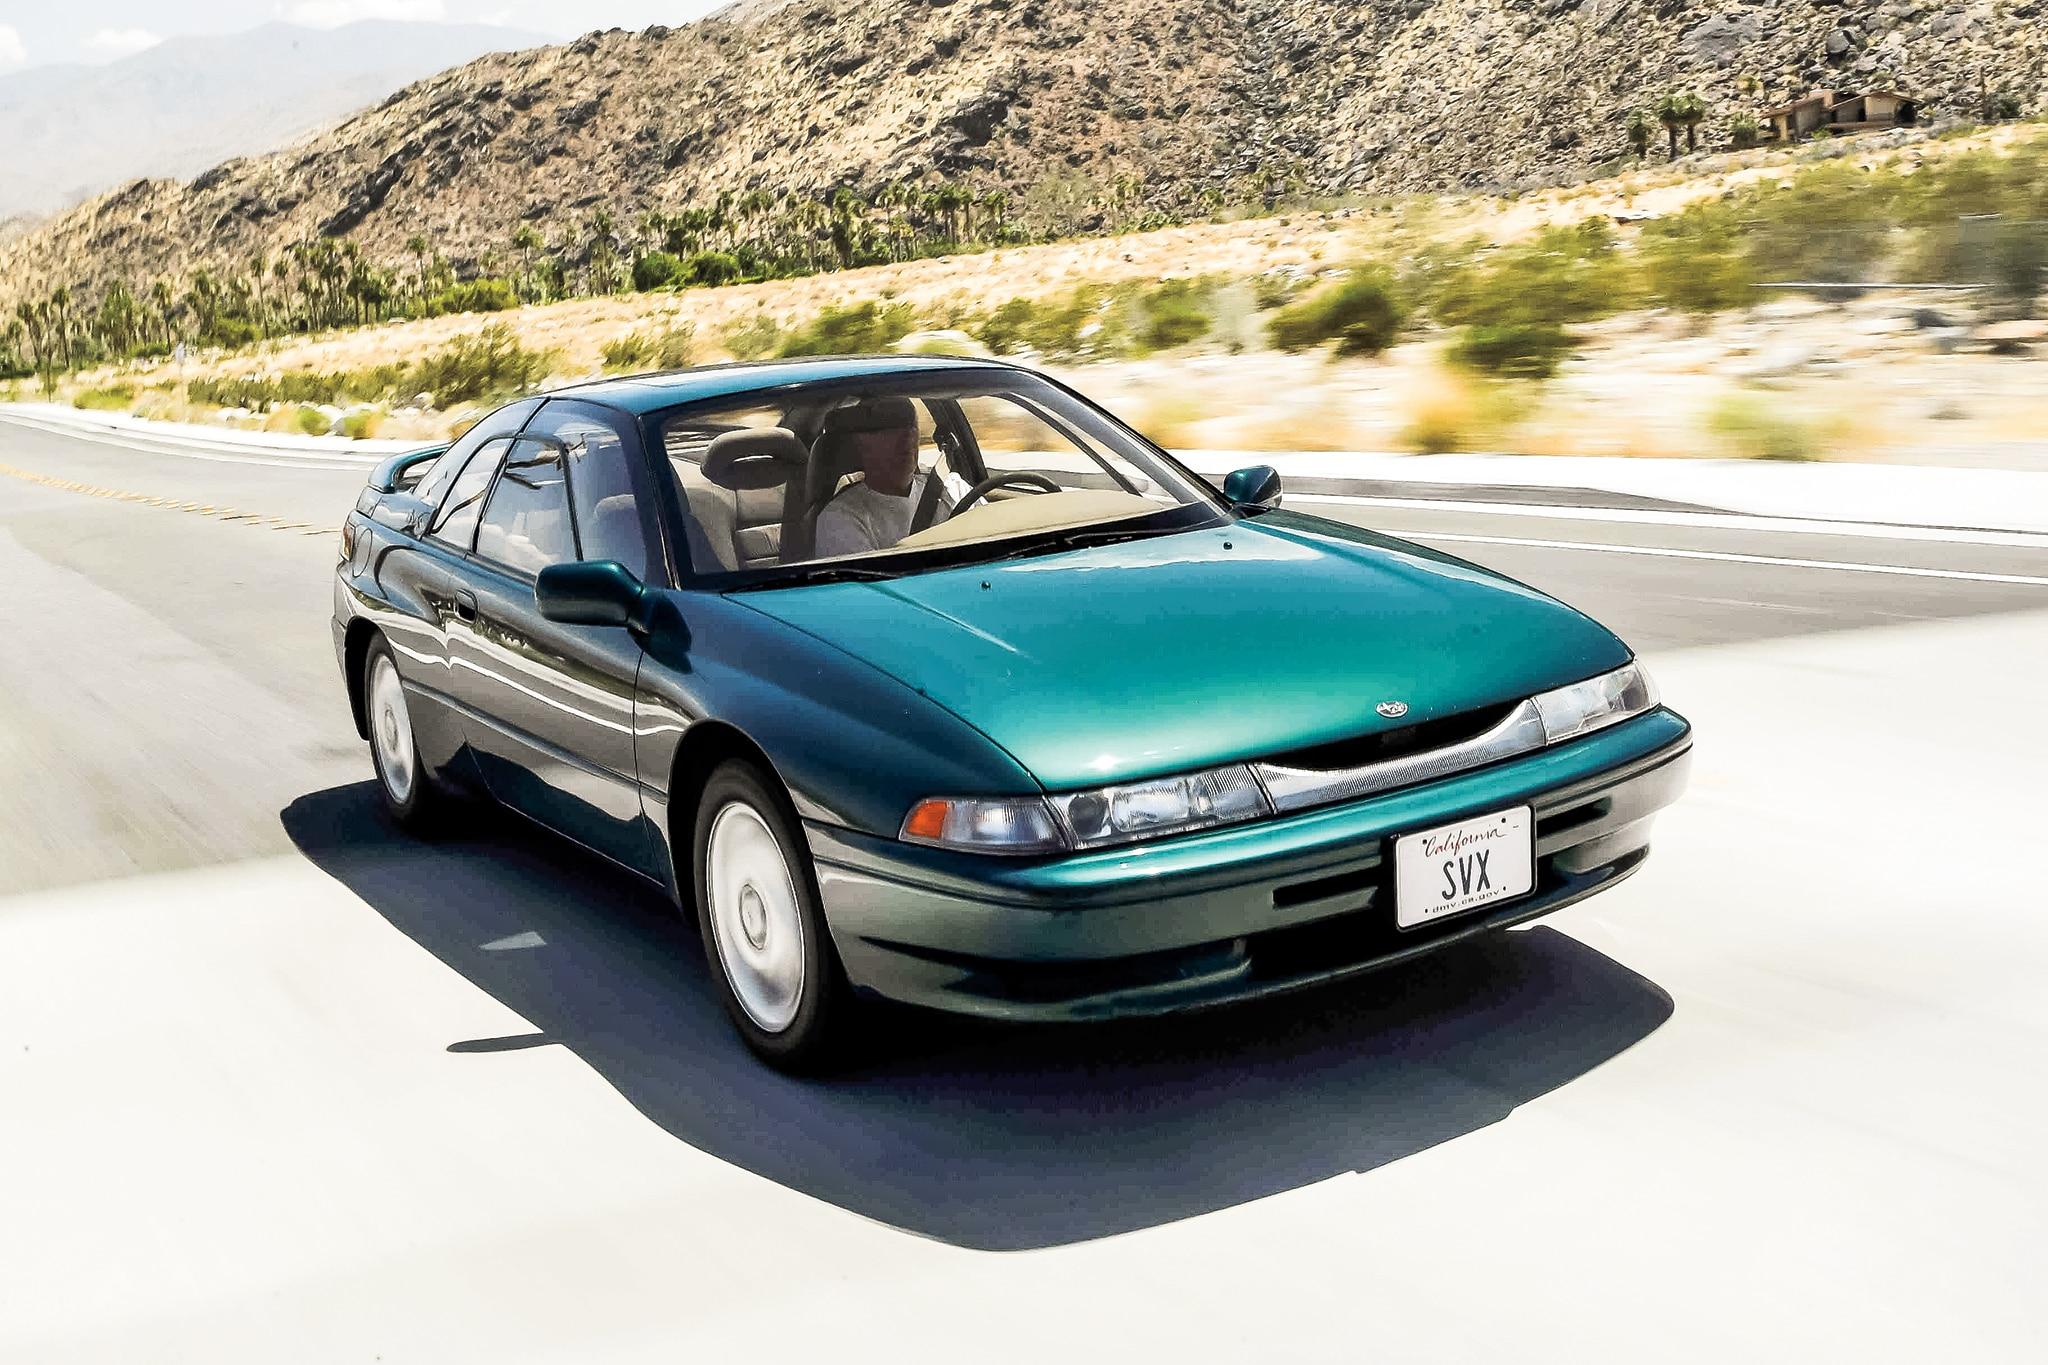 1992 1997 Subaru Svx Collectible Classic Automobile Magazine